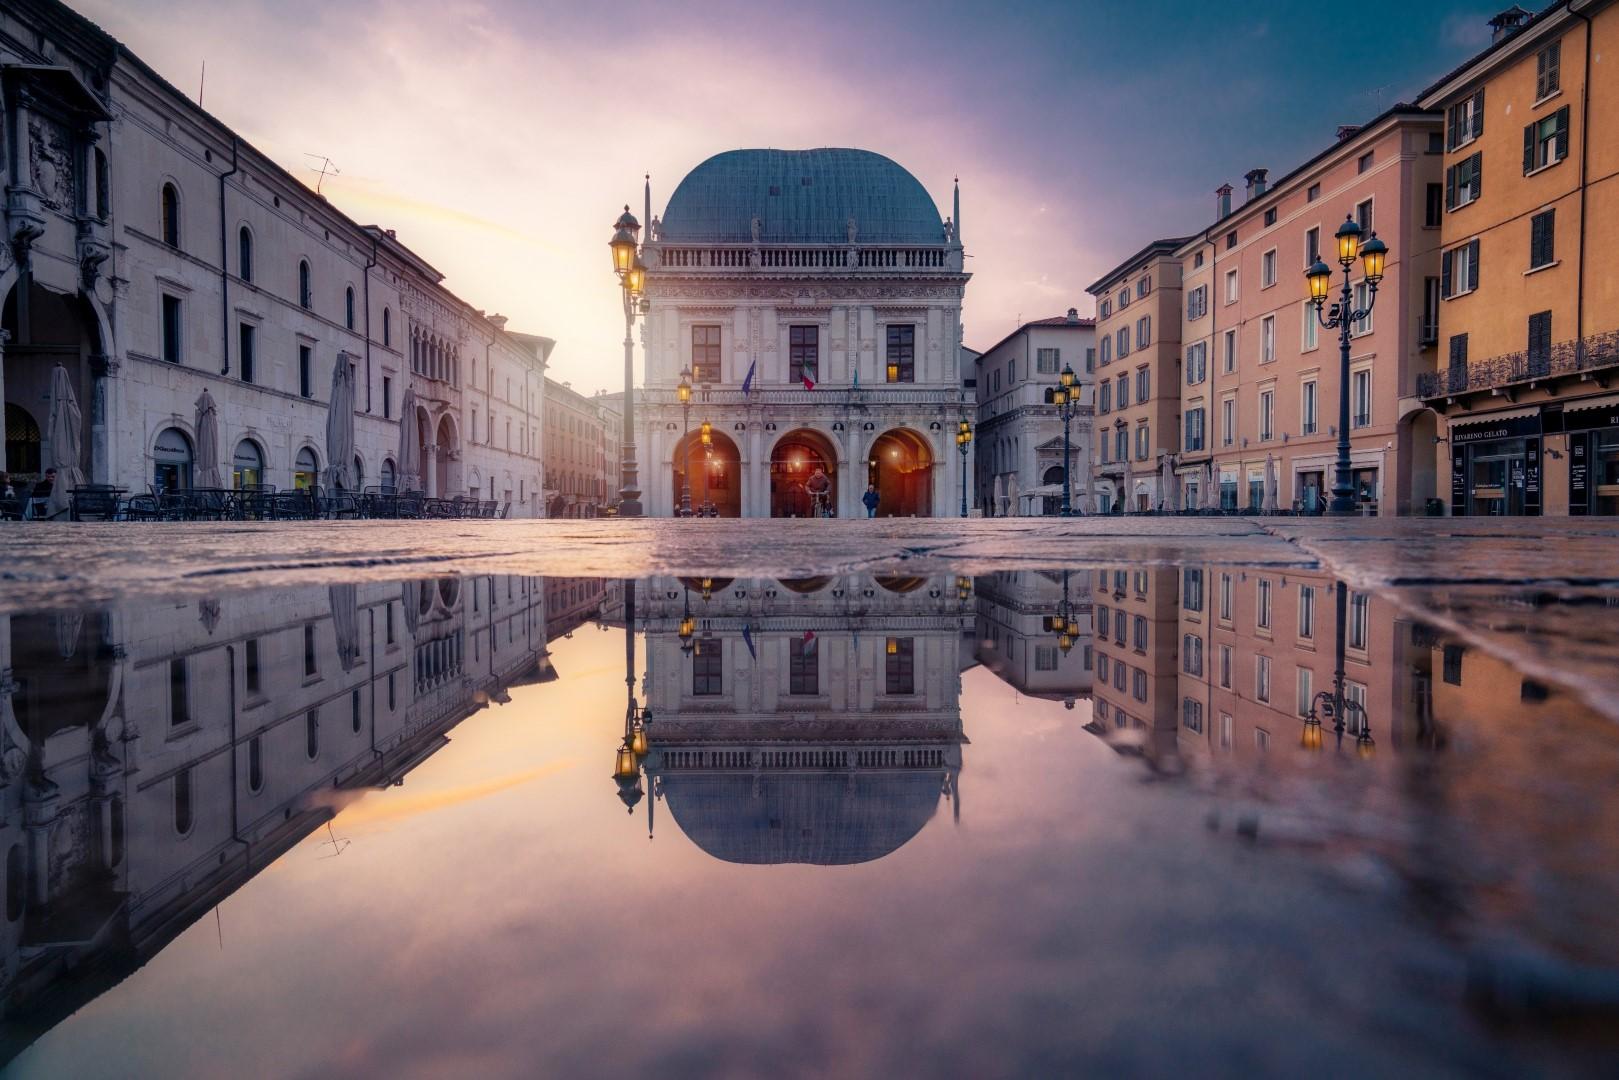 img cosa fare a Brescia -Piazza-Loggia-ph-Dorian-Pellumbi